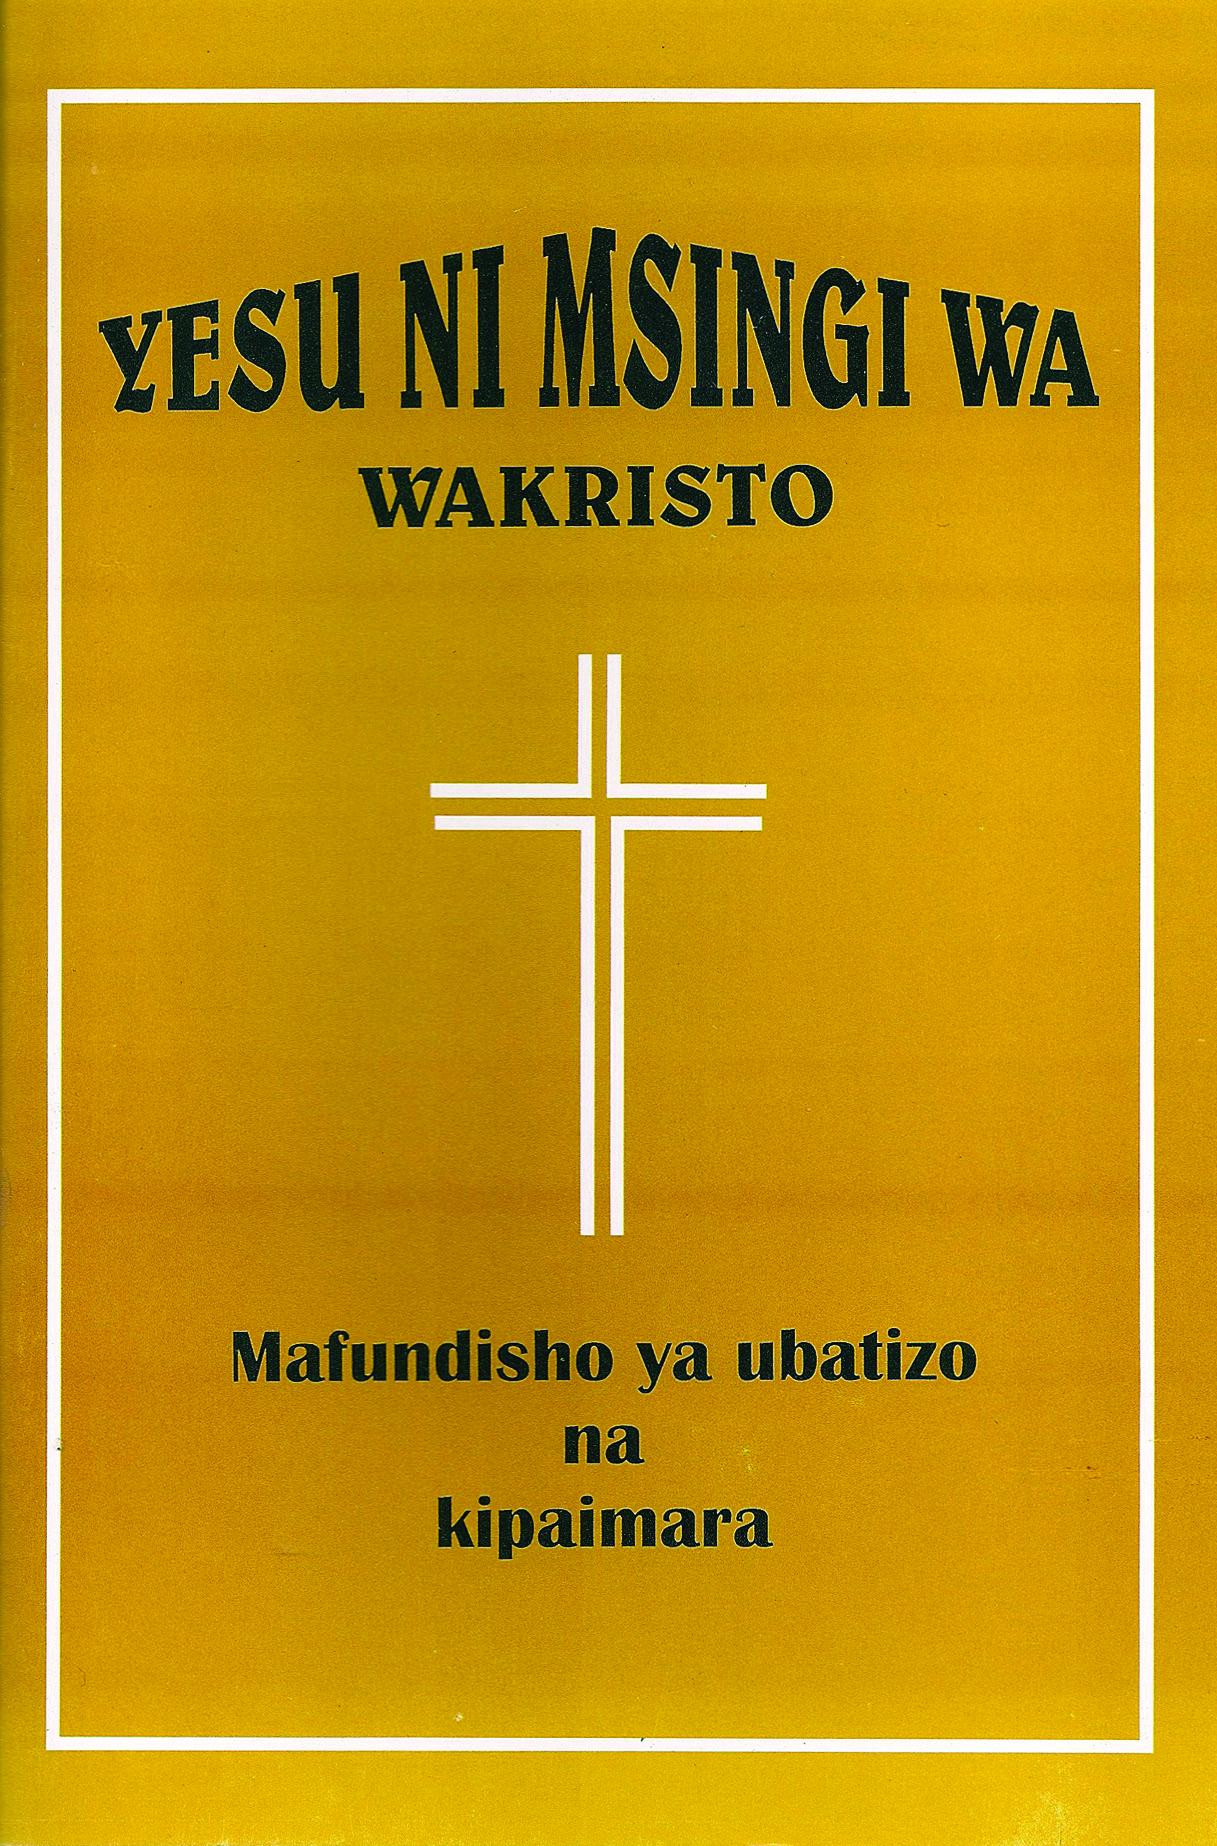 Yesu ni msingi wa wakristo.jpg